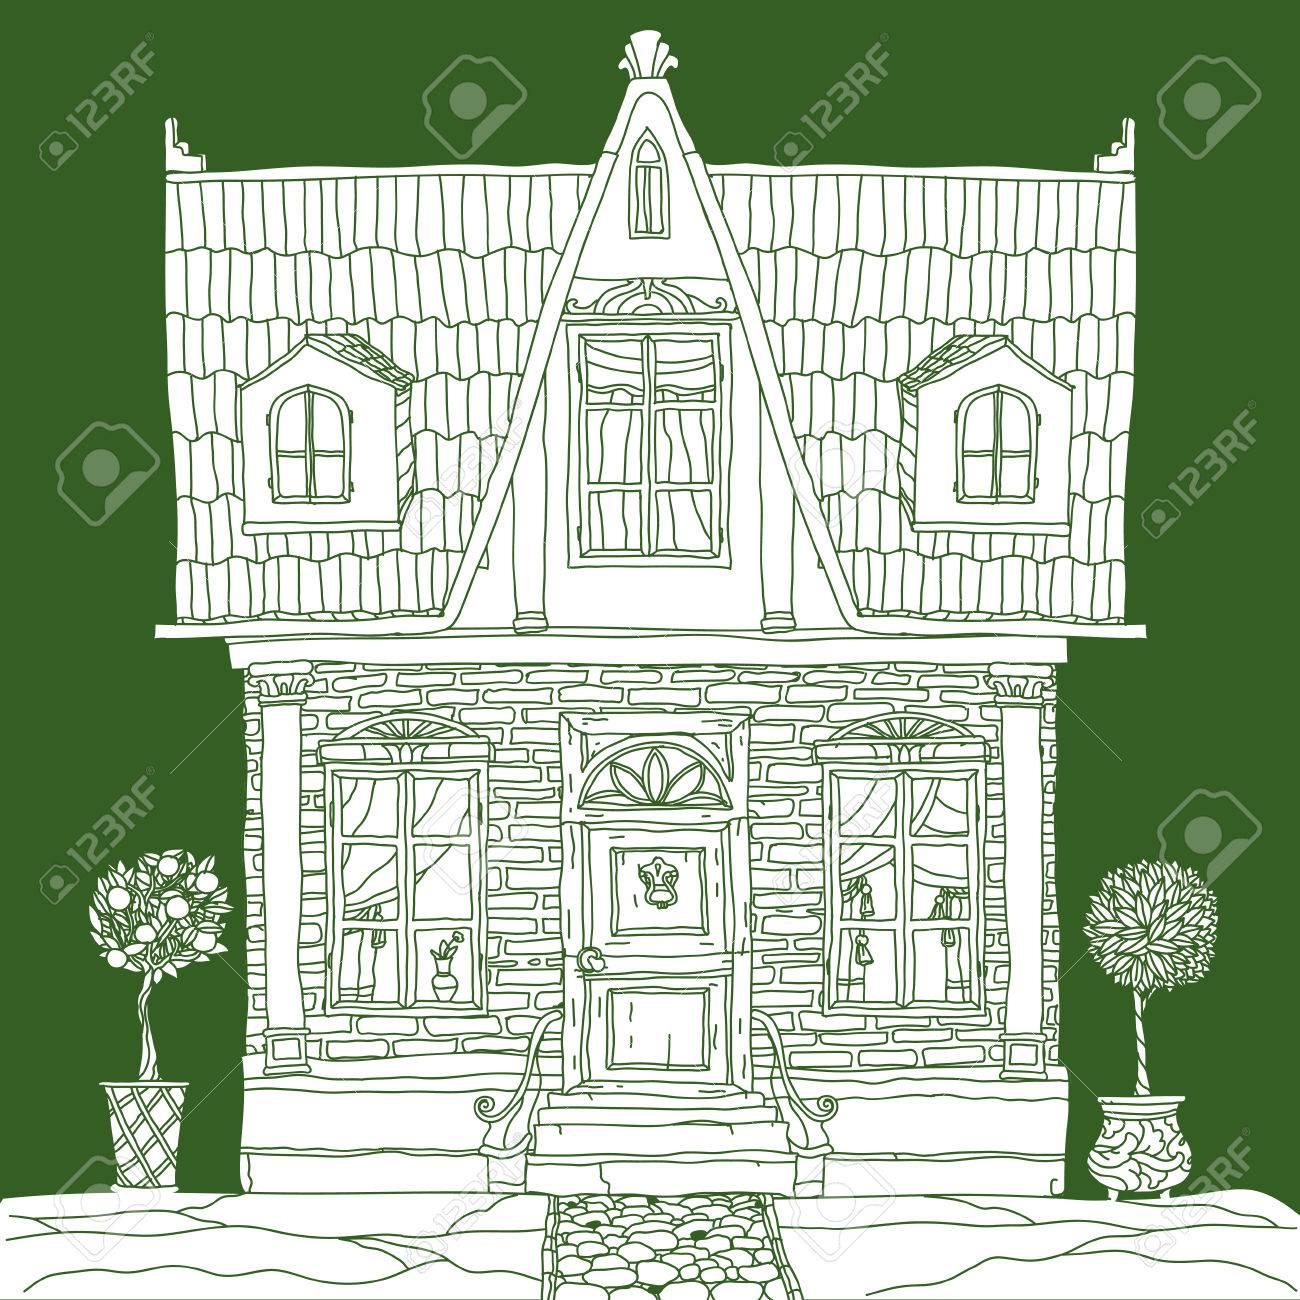 Casa Blanca Dibujado A Mano Retro Vector La Mejor Para El Diseño Textiles Libros Para Colorear En El Vector Perfecto Para Invitaciones O